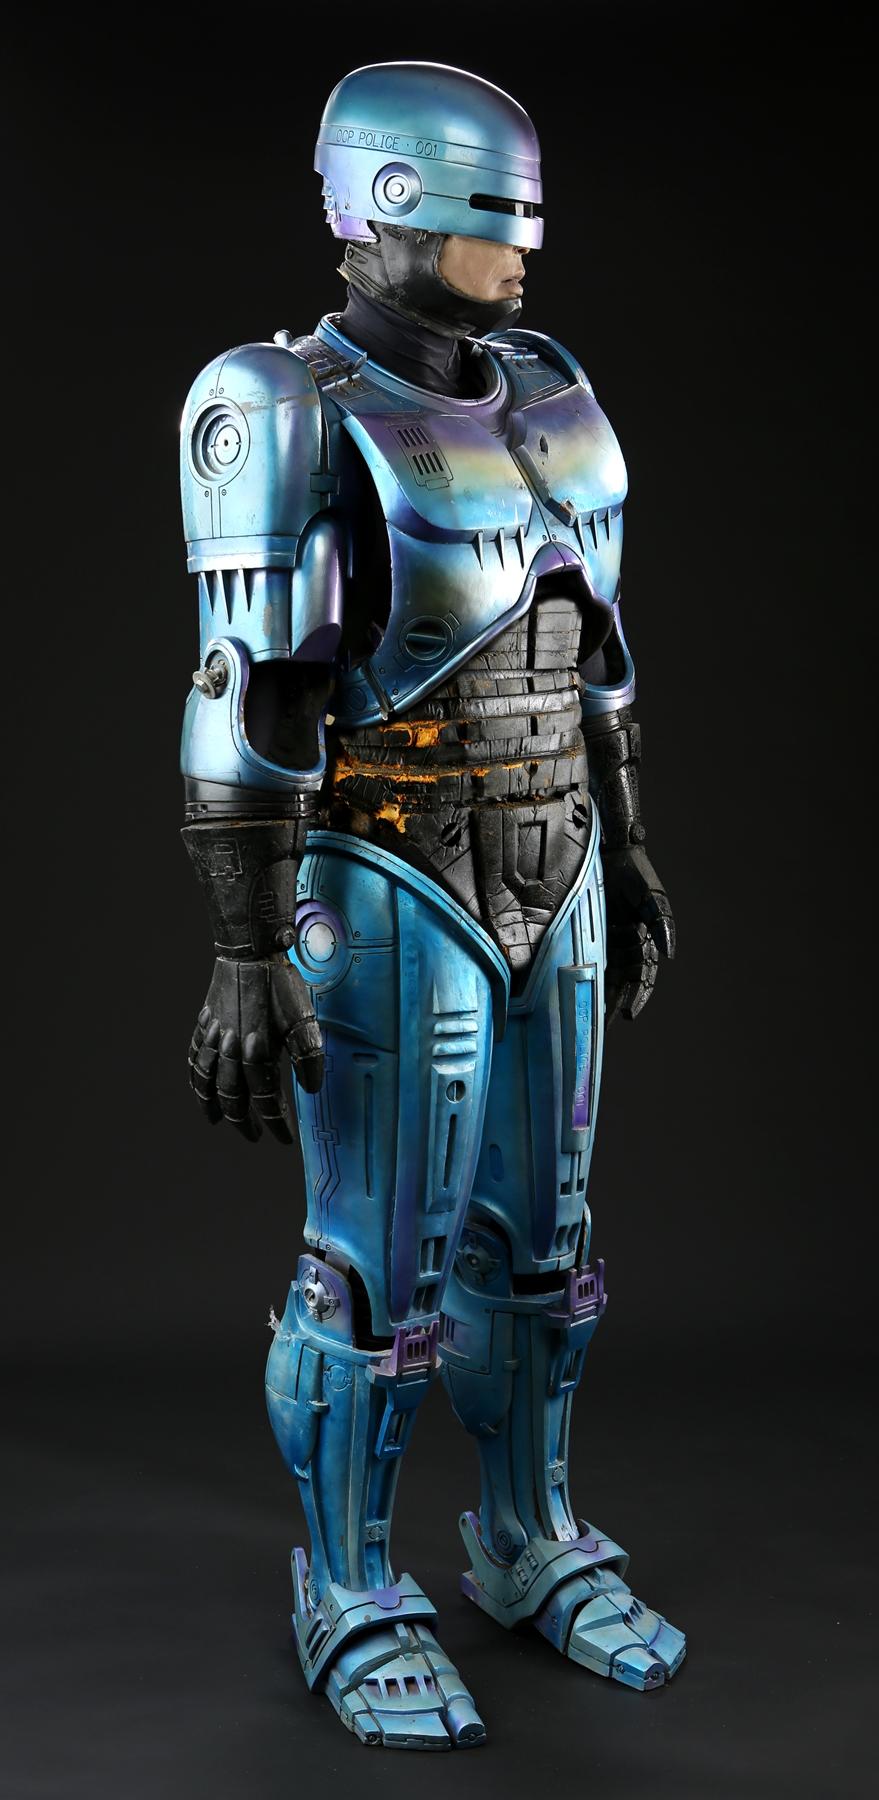 robocop 2 robocop�s peter weller costume current